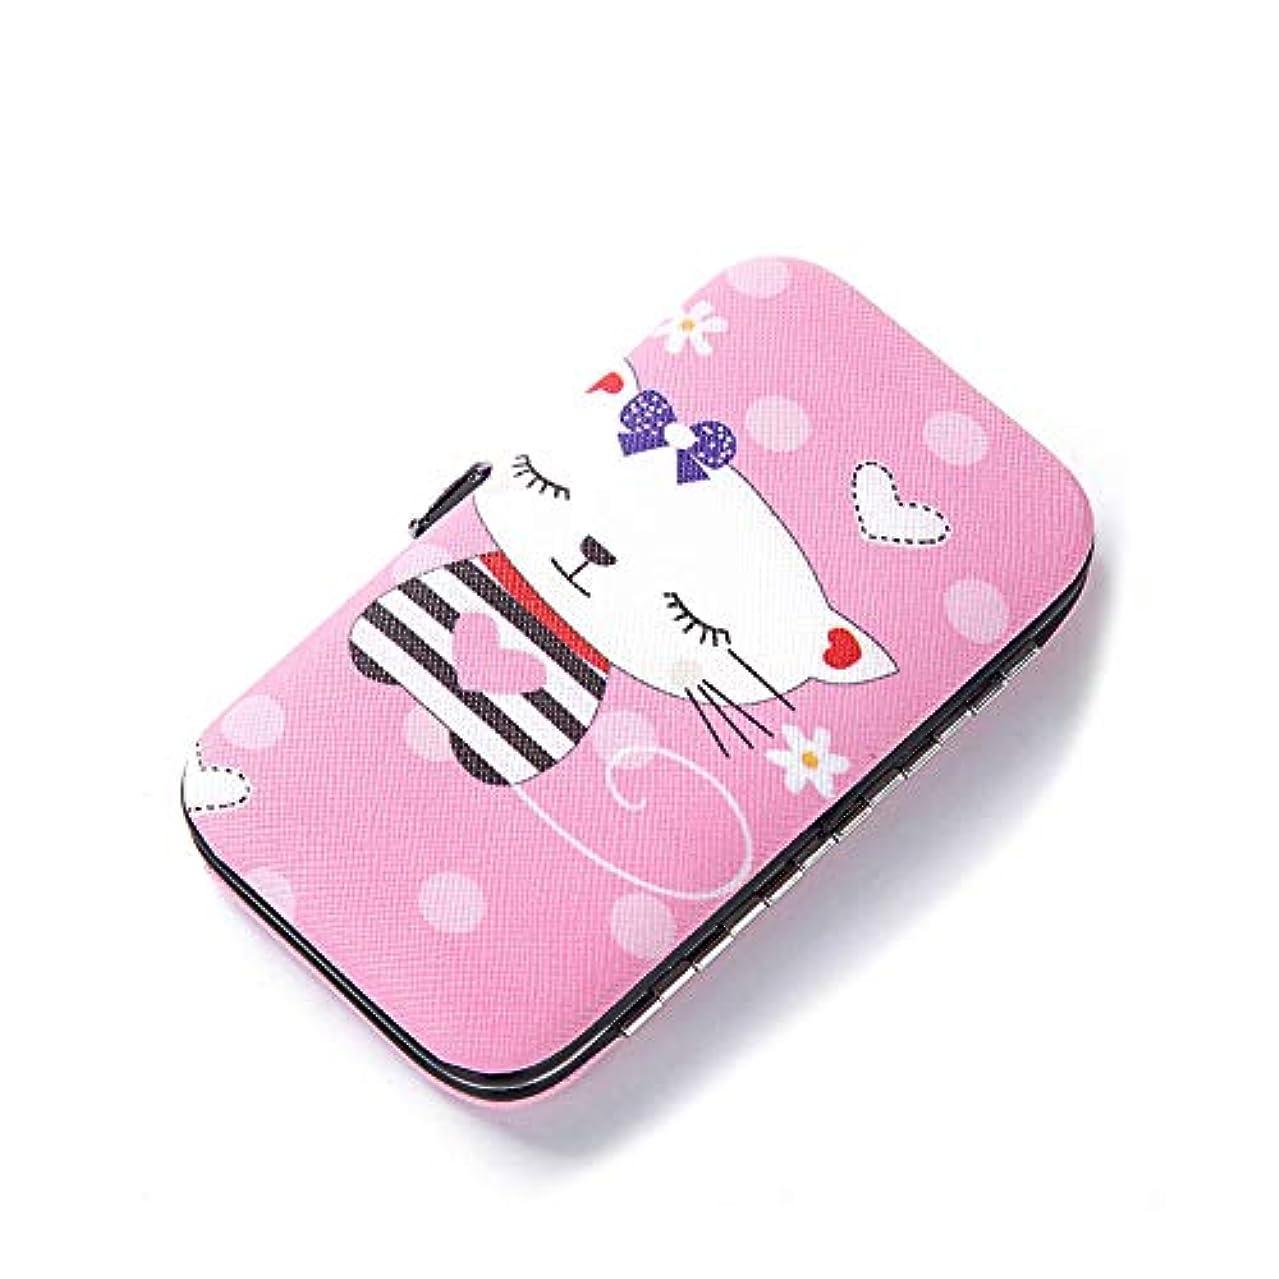 ささやき発見かけがえのないSnner ビューティセット 爪切り 爪磨き 毛抜き ハサミ 耳かき 携帯 持ち運び 旅行 キャラクター (Pink cat)